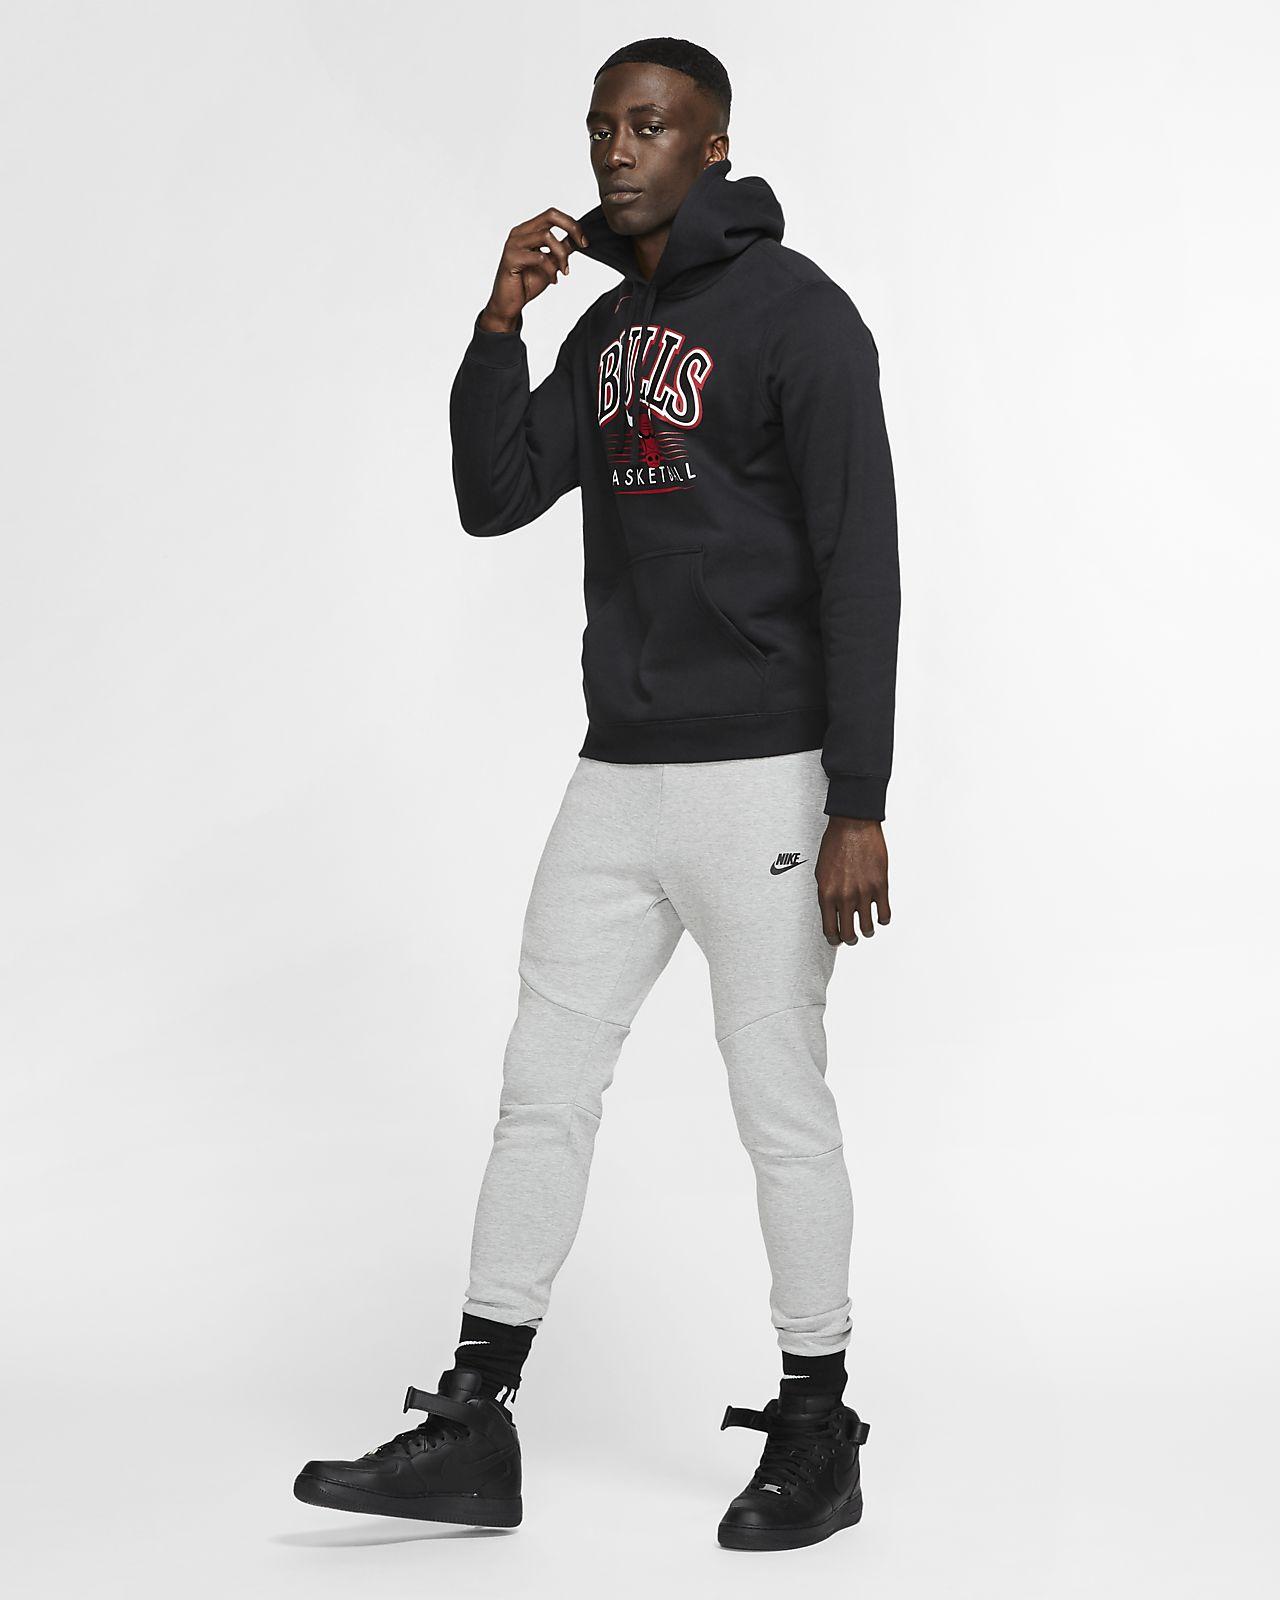 4acb85962267 Chicago Bulls Nike Men s NBA Hoodie. Nike.com ZA